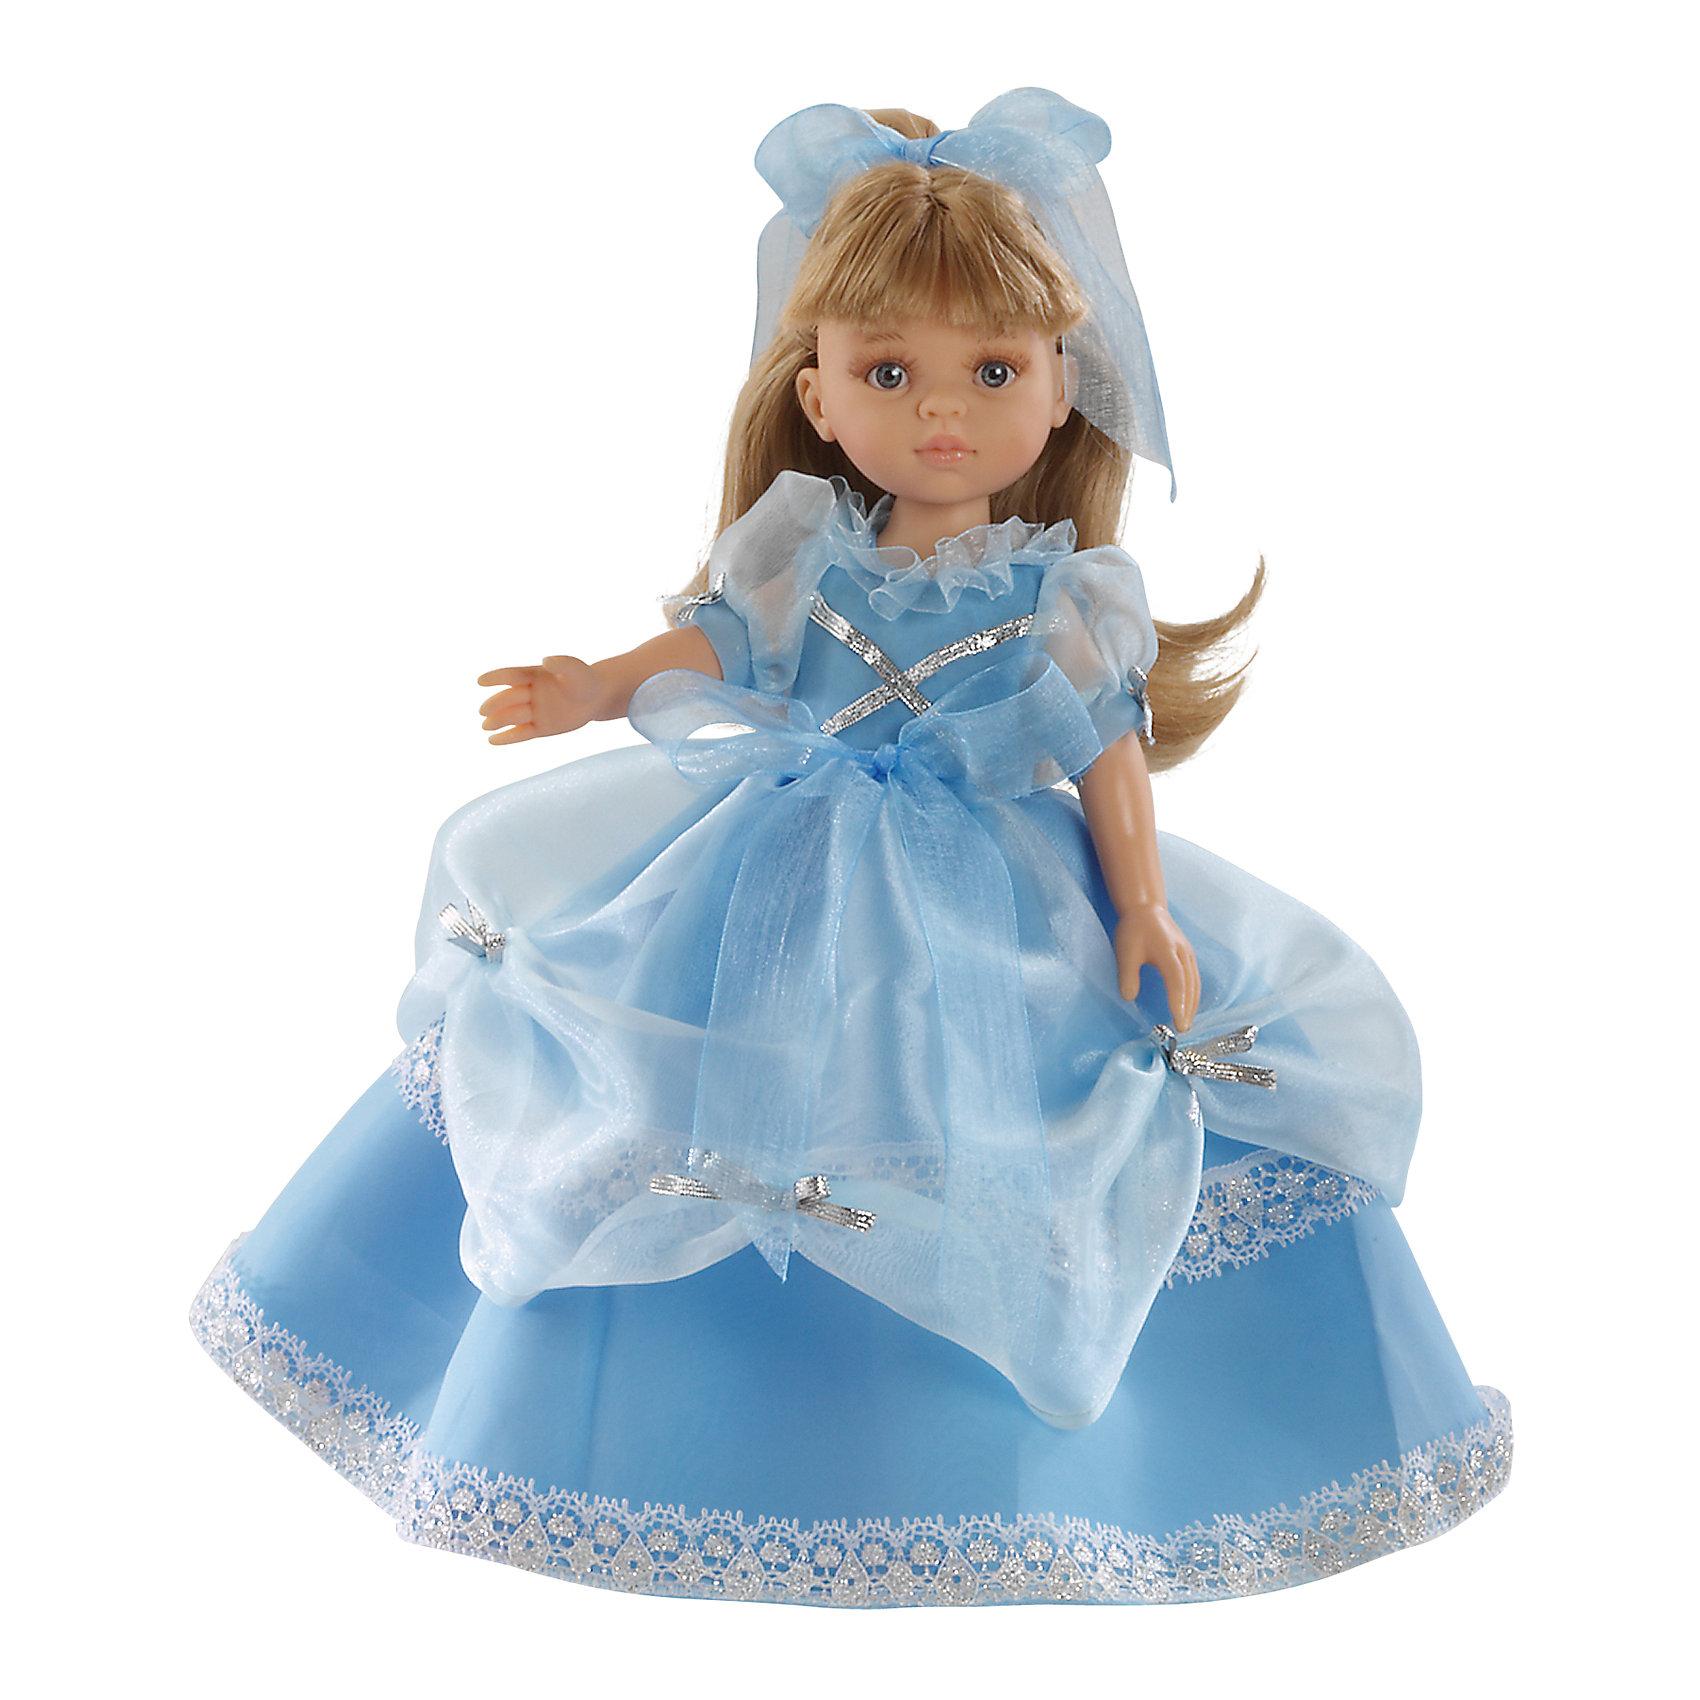 Кукла Карла принцесса, 32см, Paola ReinaКлассические куклы<br>Кукла изготовлена из винила; глаза выполнены в виде кристалла из прозрачного твердого пластика; волосы сделаны из высококачественного нейлона.<br><br>Ширина мм: 230<br>Глубина мм: 230<br>Высота мм: 410<br>Вес г: 708<br>Возраст от месяцев: 36<br>Возраст до месяцев: 144<br>Пол: Женский<br>Возраст: Детский<br>SKU: 4966350